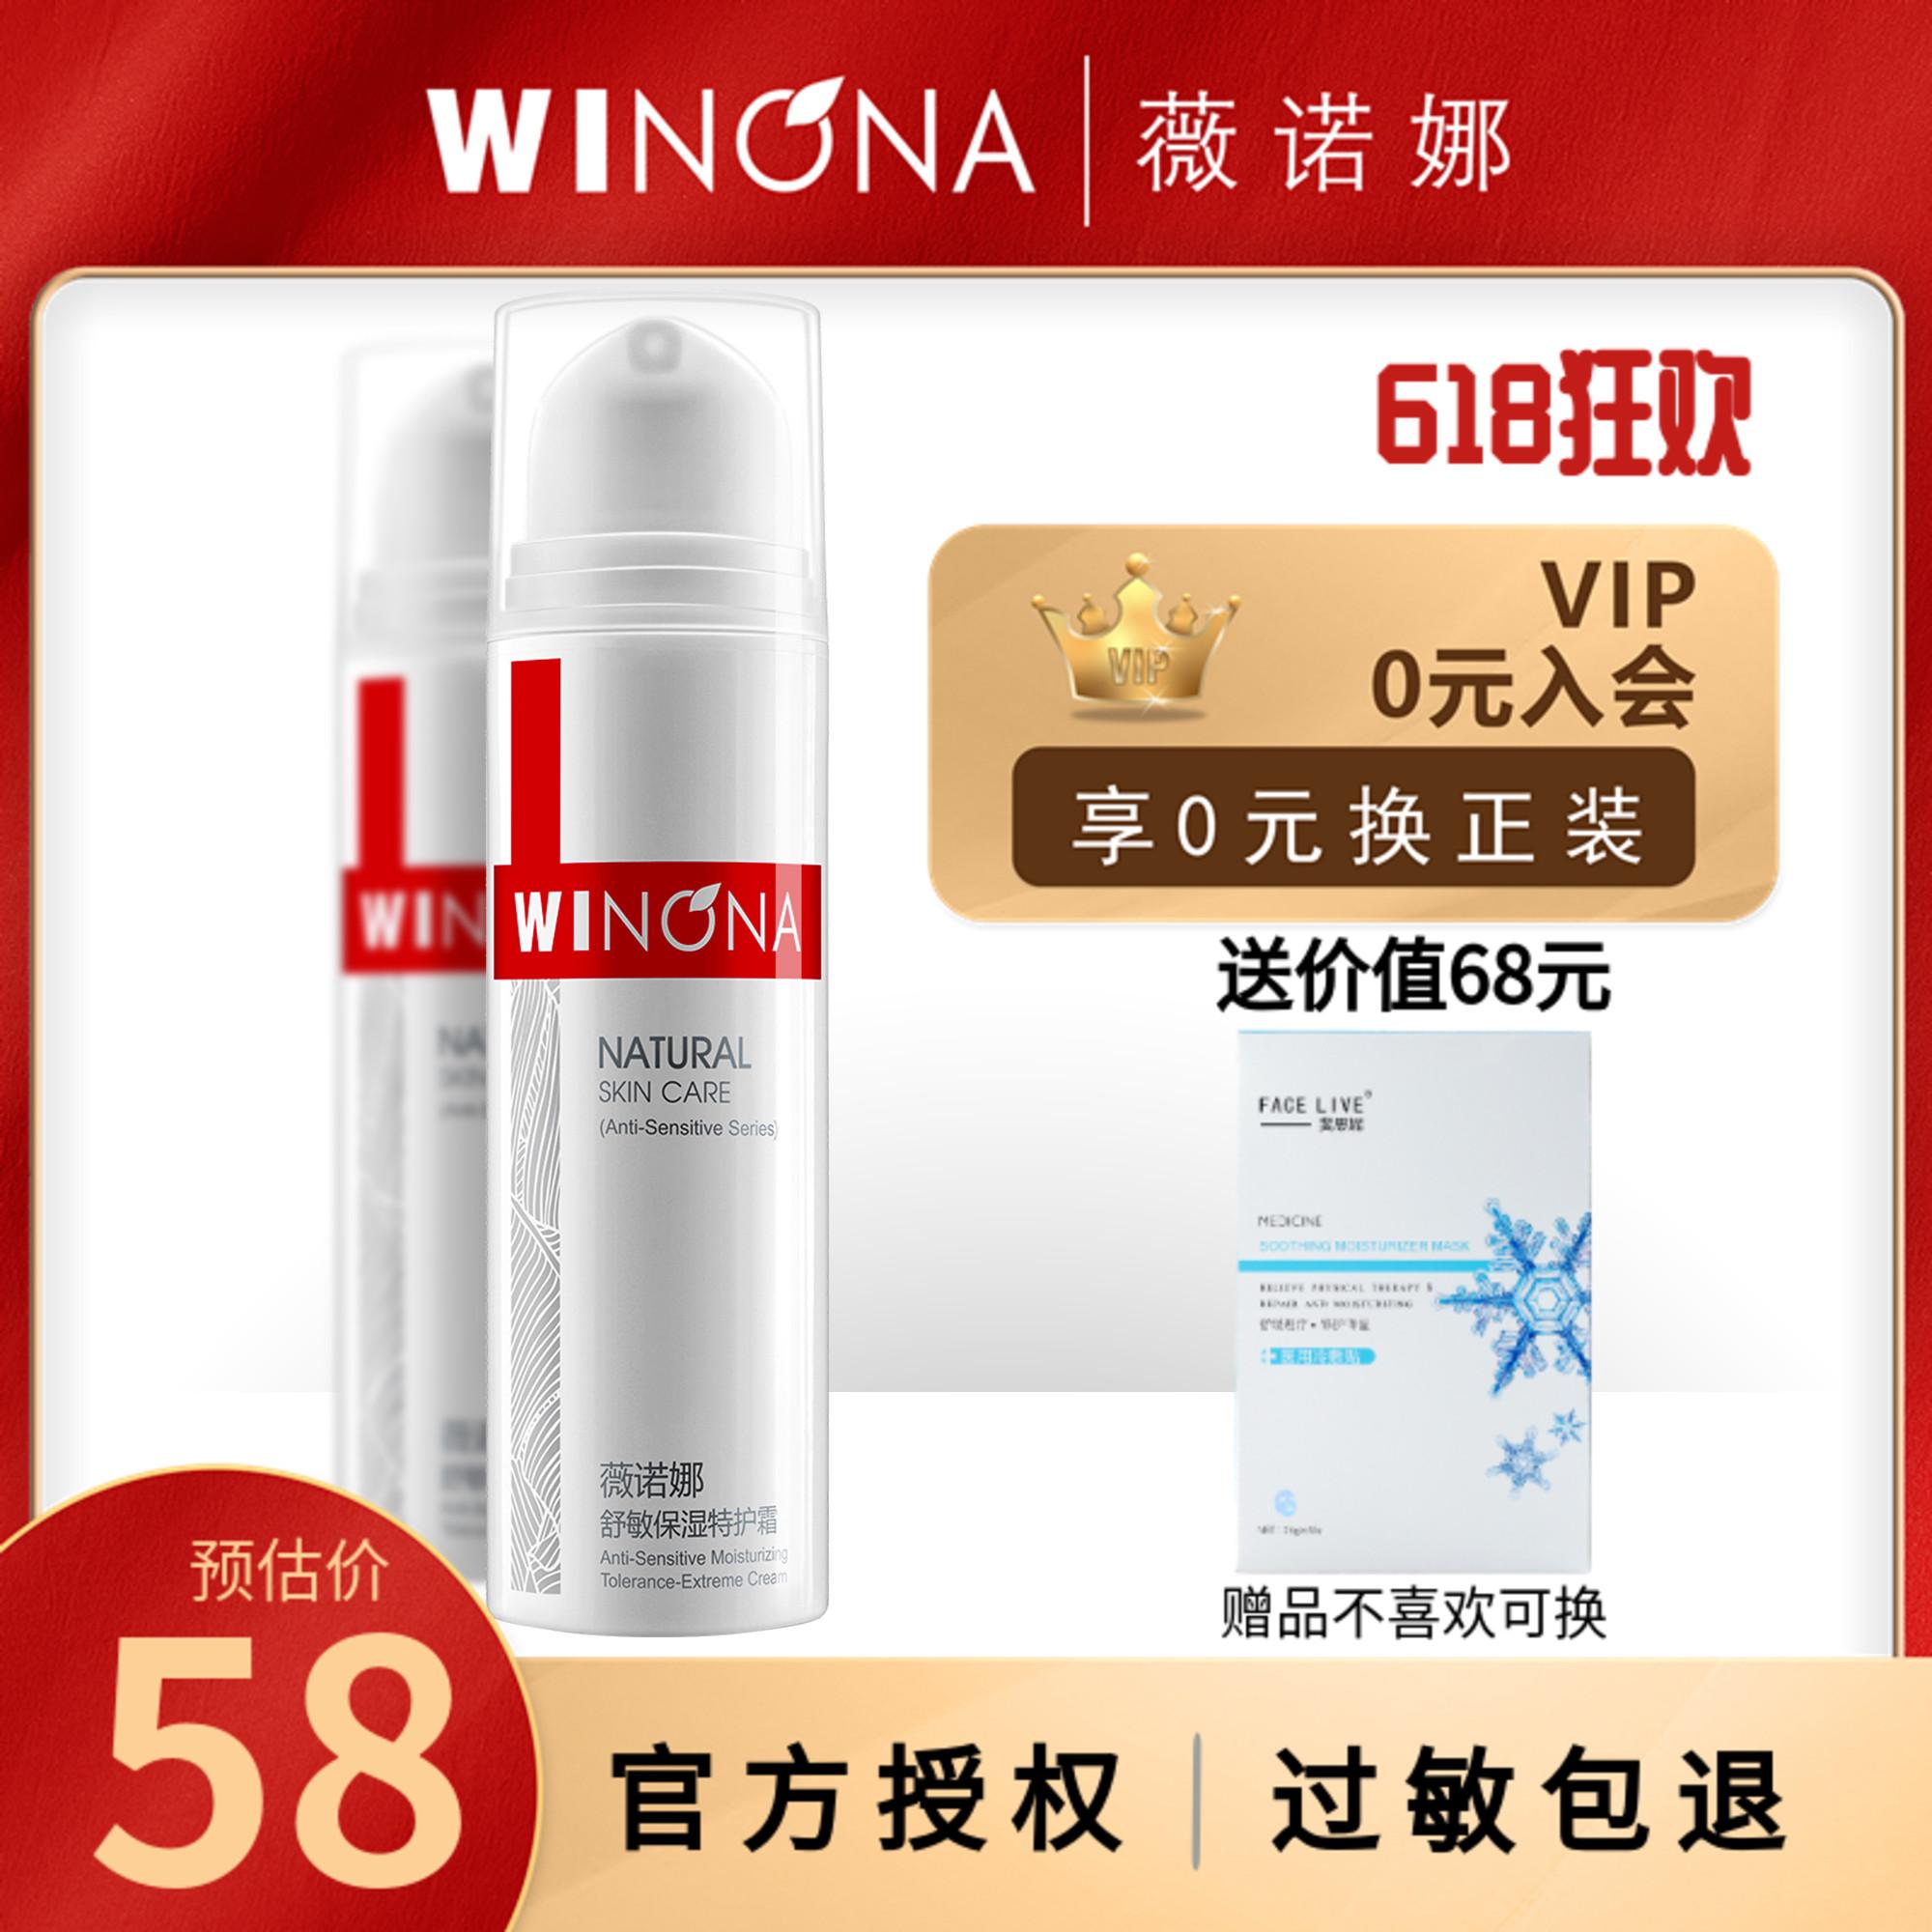 薇诺娜舒敏保湿特护霜15g微诺薇若娜官网肤护肤品改善红血丝正品